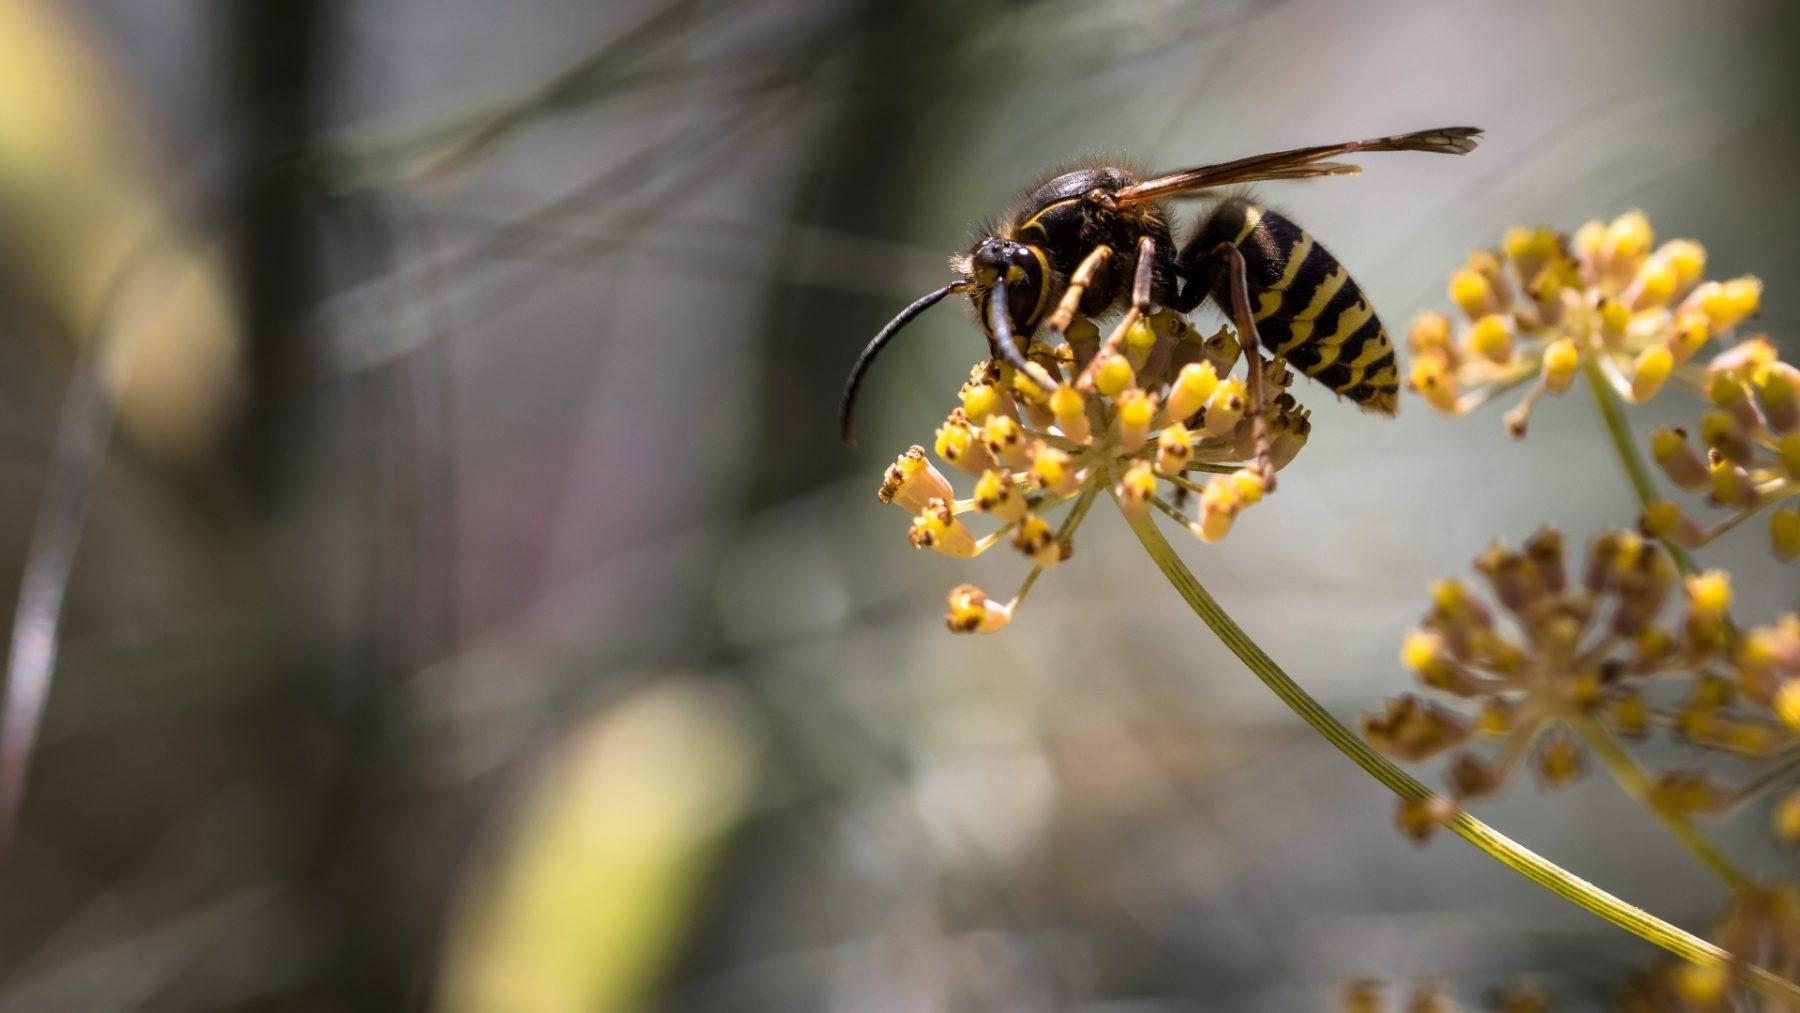 Gemeente Arnhem vind dat wespen voortaan diervriendelijk moeten worden bestreden